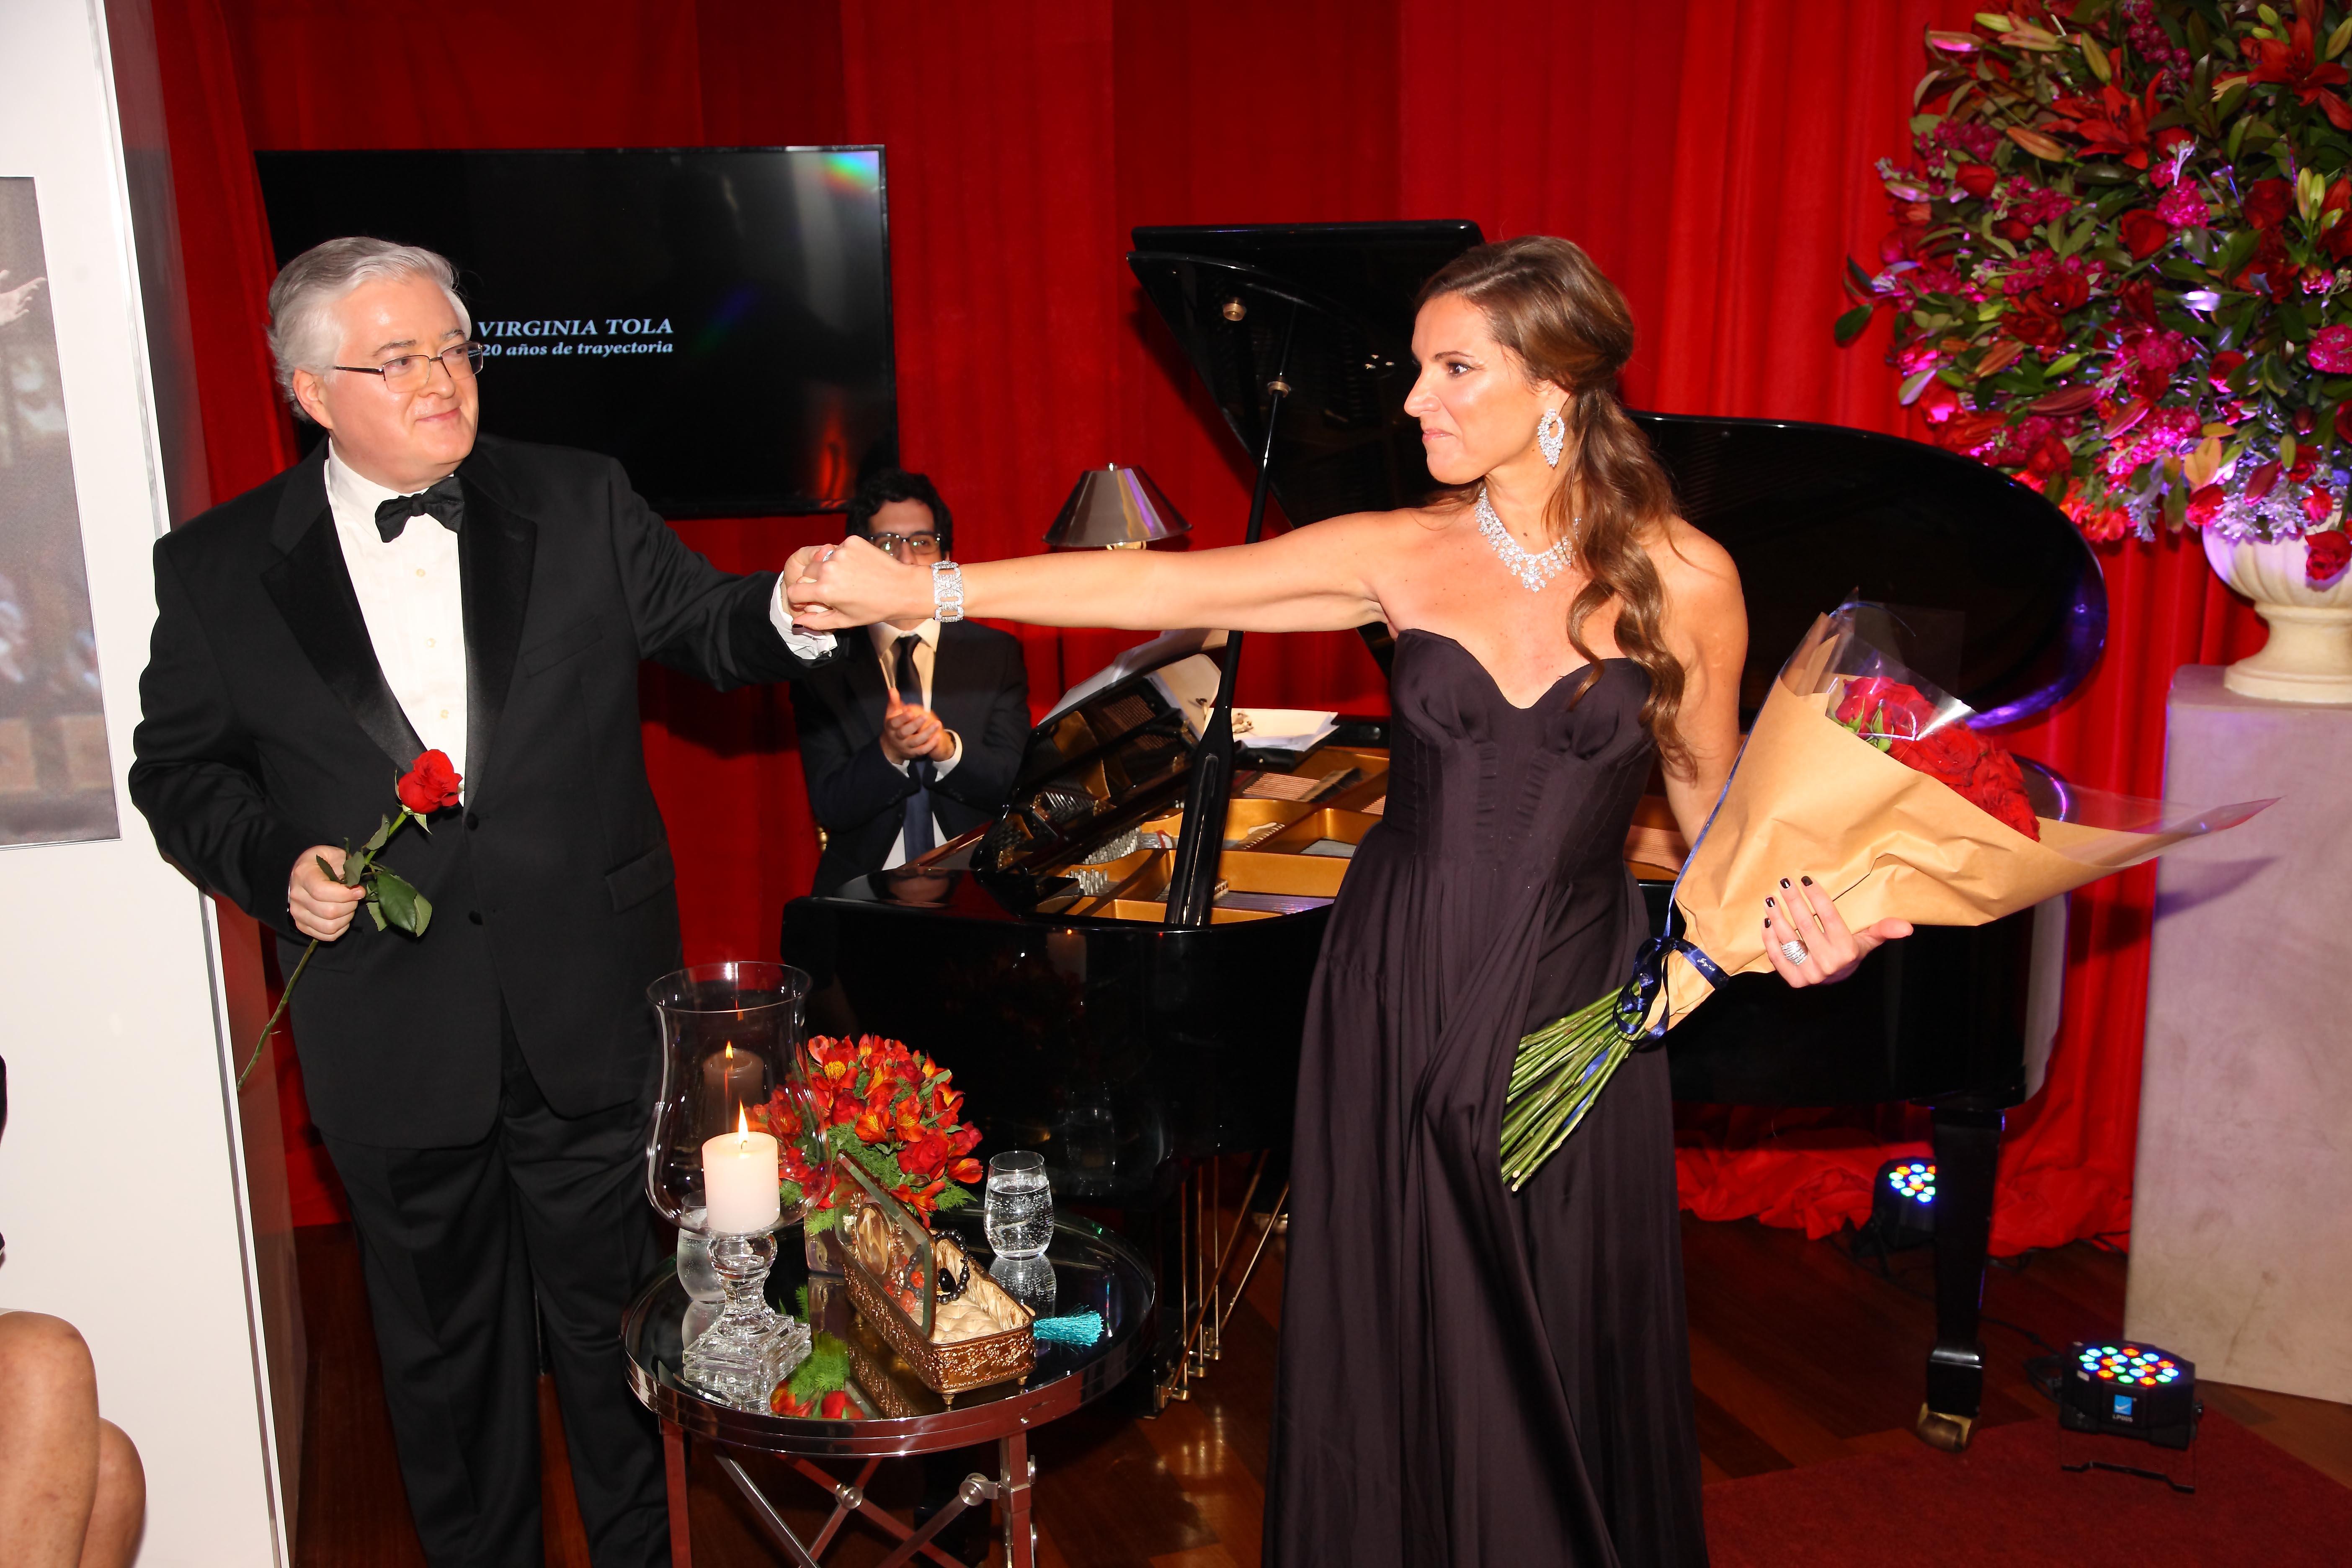 Virginia Tola y el maestro Eduardo Paez deleitaron a los invitados con su talento musical. La eximia soprano argentina es aclamada en los más importantes escenarios del mundo, como el Teatro dell'Opera di Roma, el Washington National Opera, Los Ángeles Opera, De Nederlandse Opera de Amsterdam y el Teatro Colón, entre otros